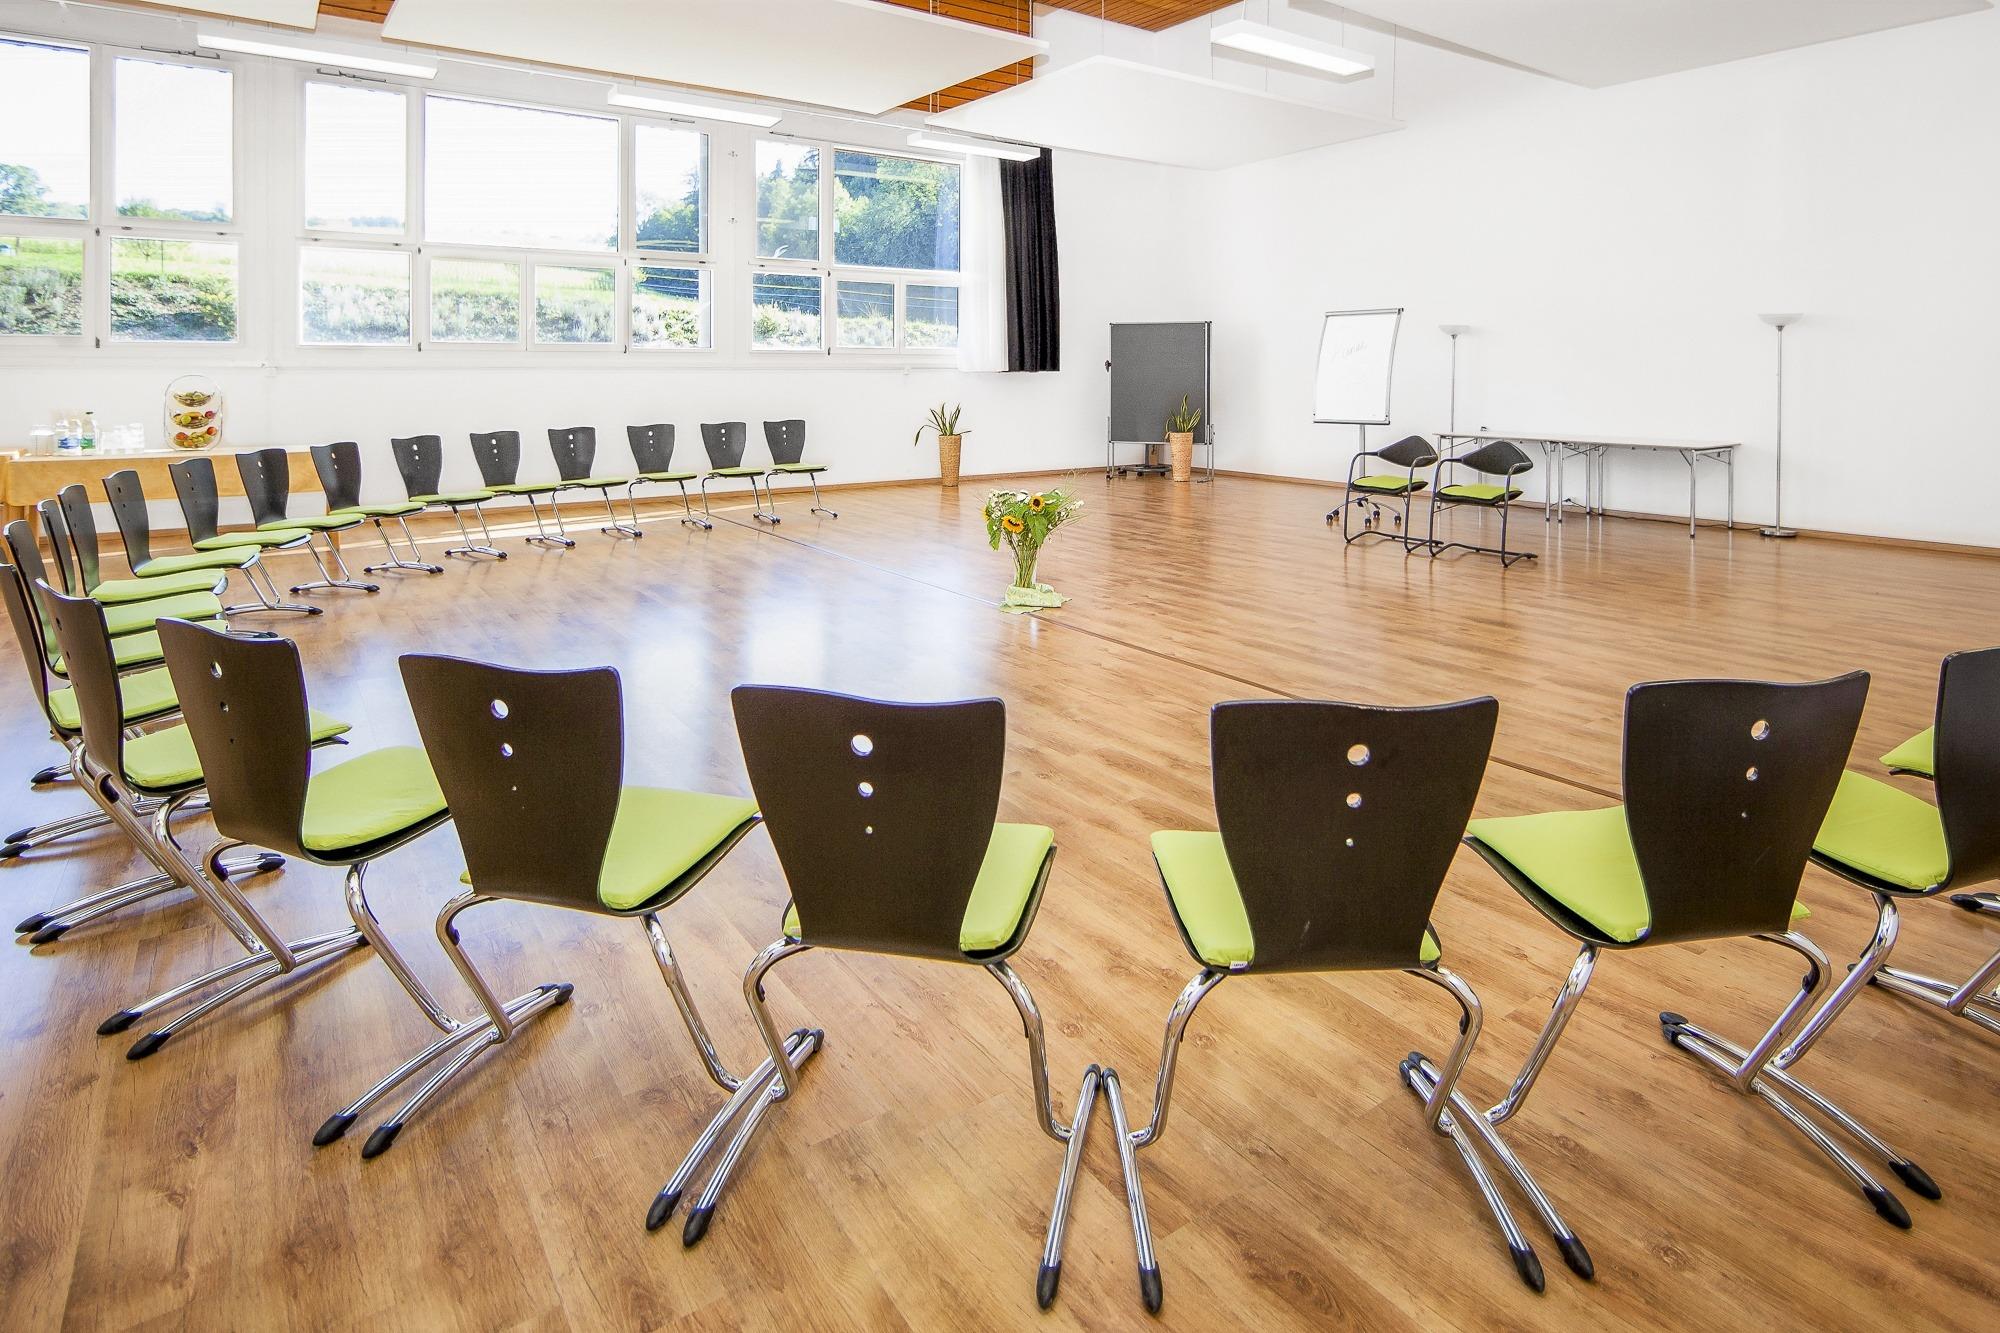 3-Seminarraum-Chlotisberg-Balances-Kreisbestuhlung-Bearbeitet_k 3-Seminarraum-Chlotisberg-Balances-Kreisbestuhlung-Bearbeitet_k